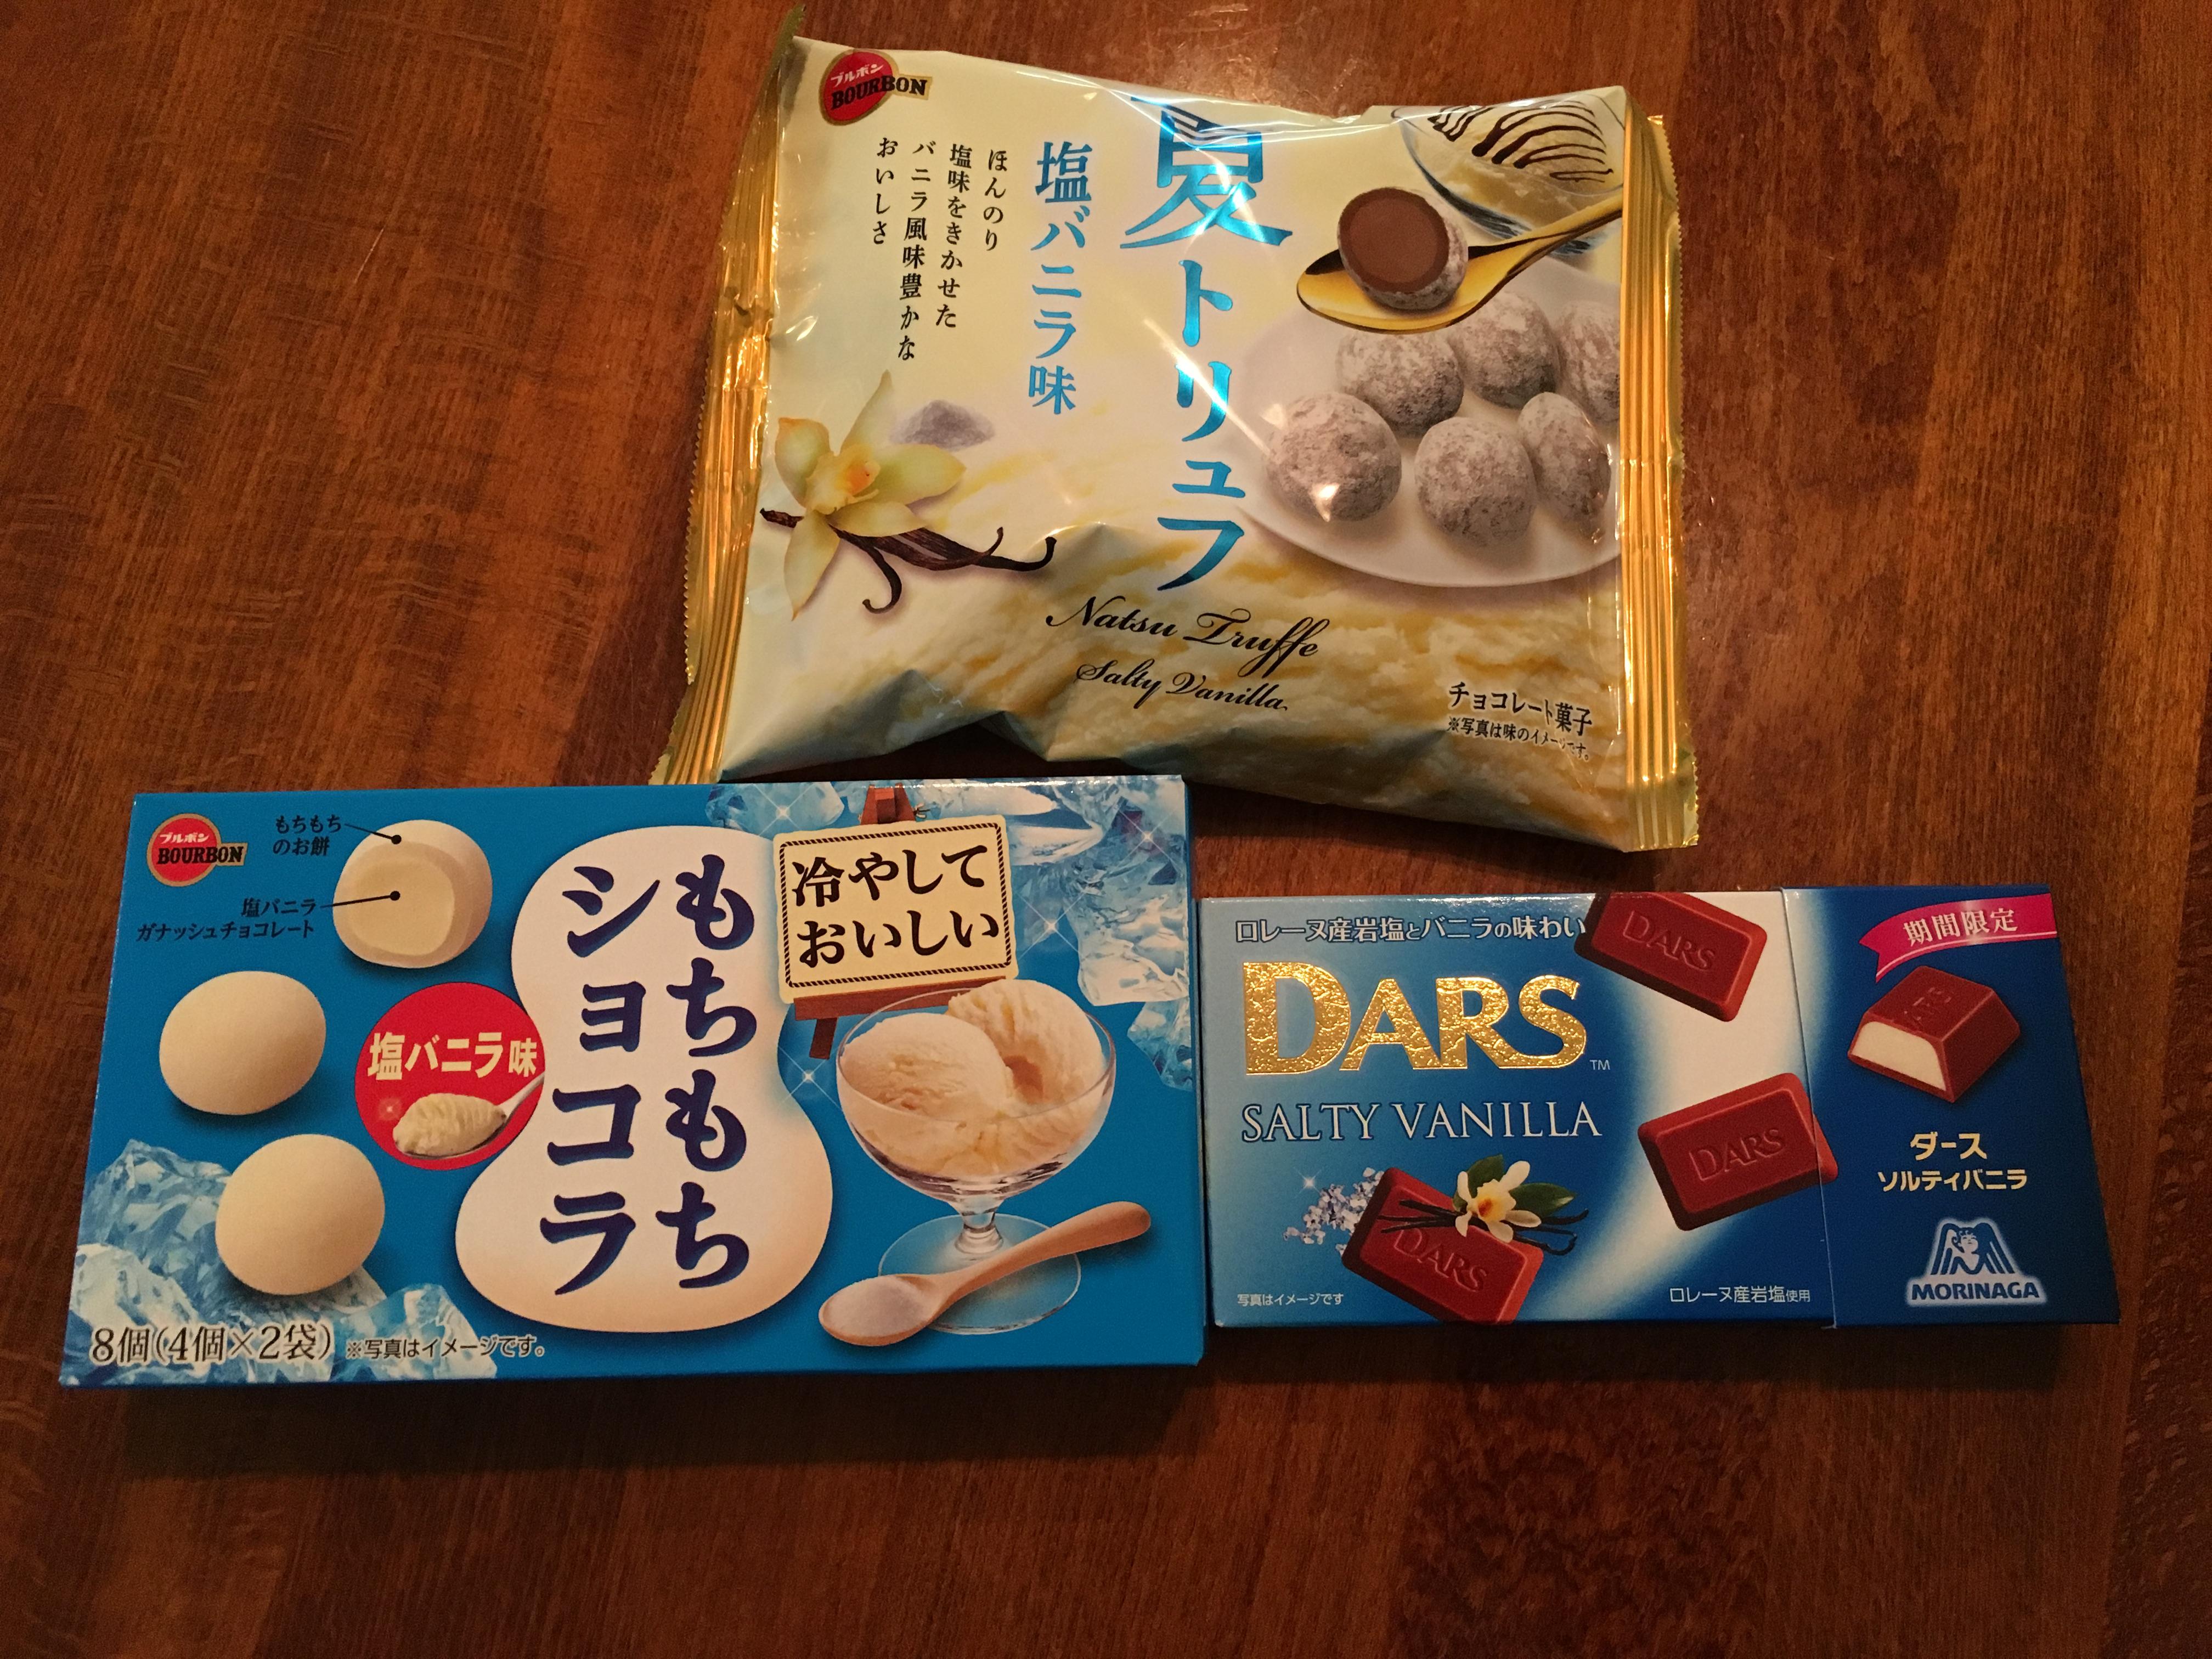 夏のチョコレート「夏トリュフ」「ダース」「もちもちショコラ」を食べ比べ!